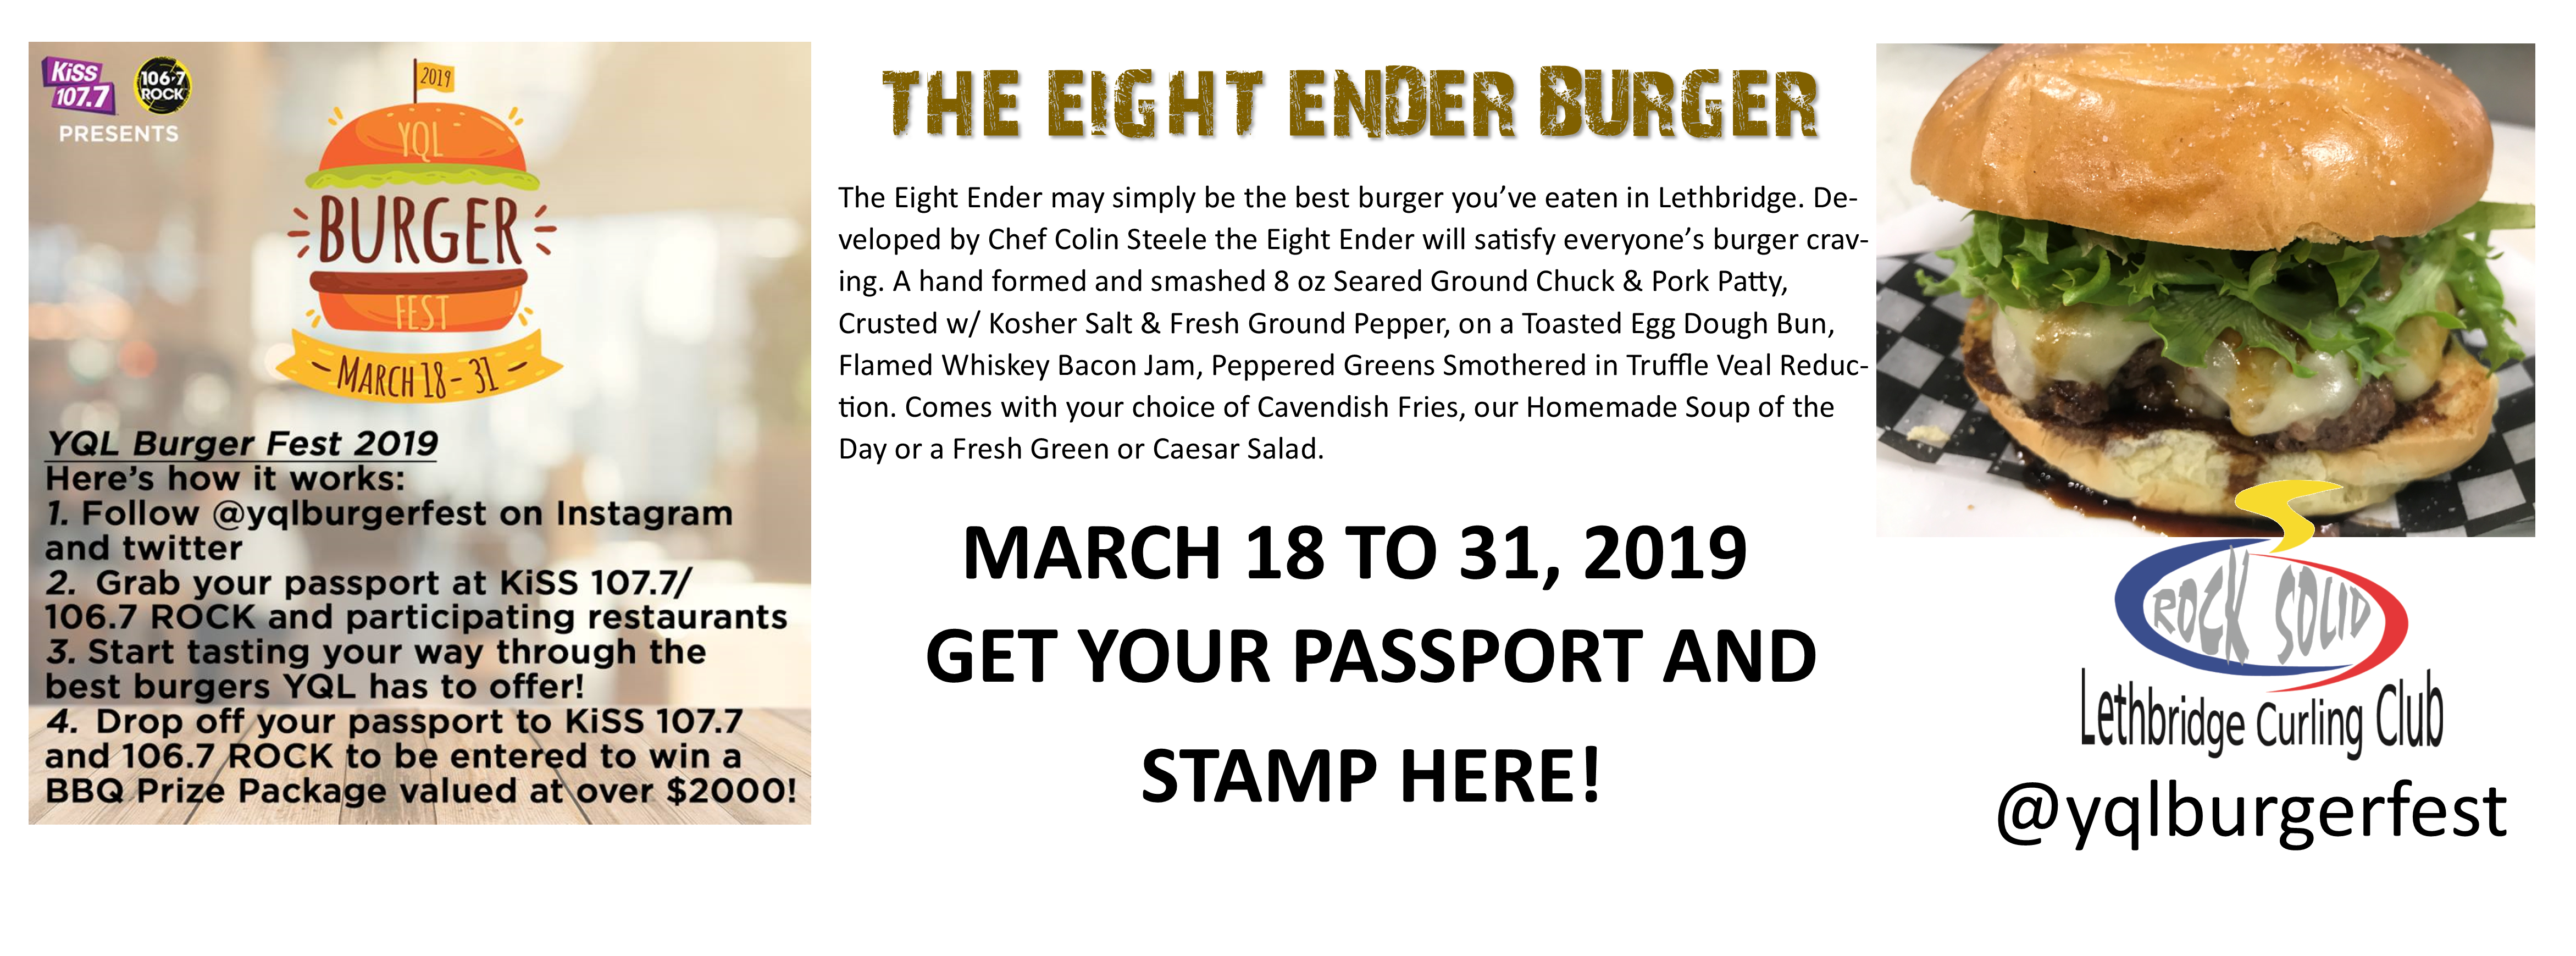 <div id=slideshow_title>Burgerfest</div> <br><div style='text-align: left; font-size: 18px;'>@yqlburgerfest - The Best Burger in Lethbridge!</div>